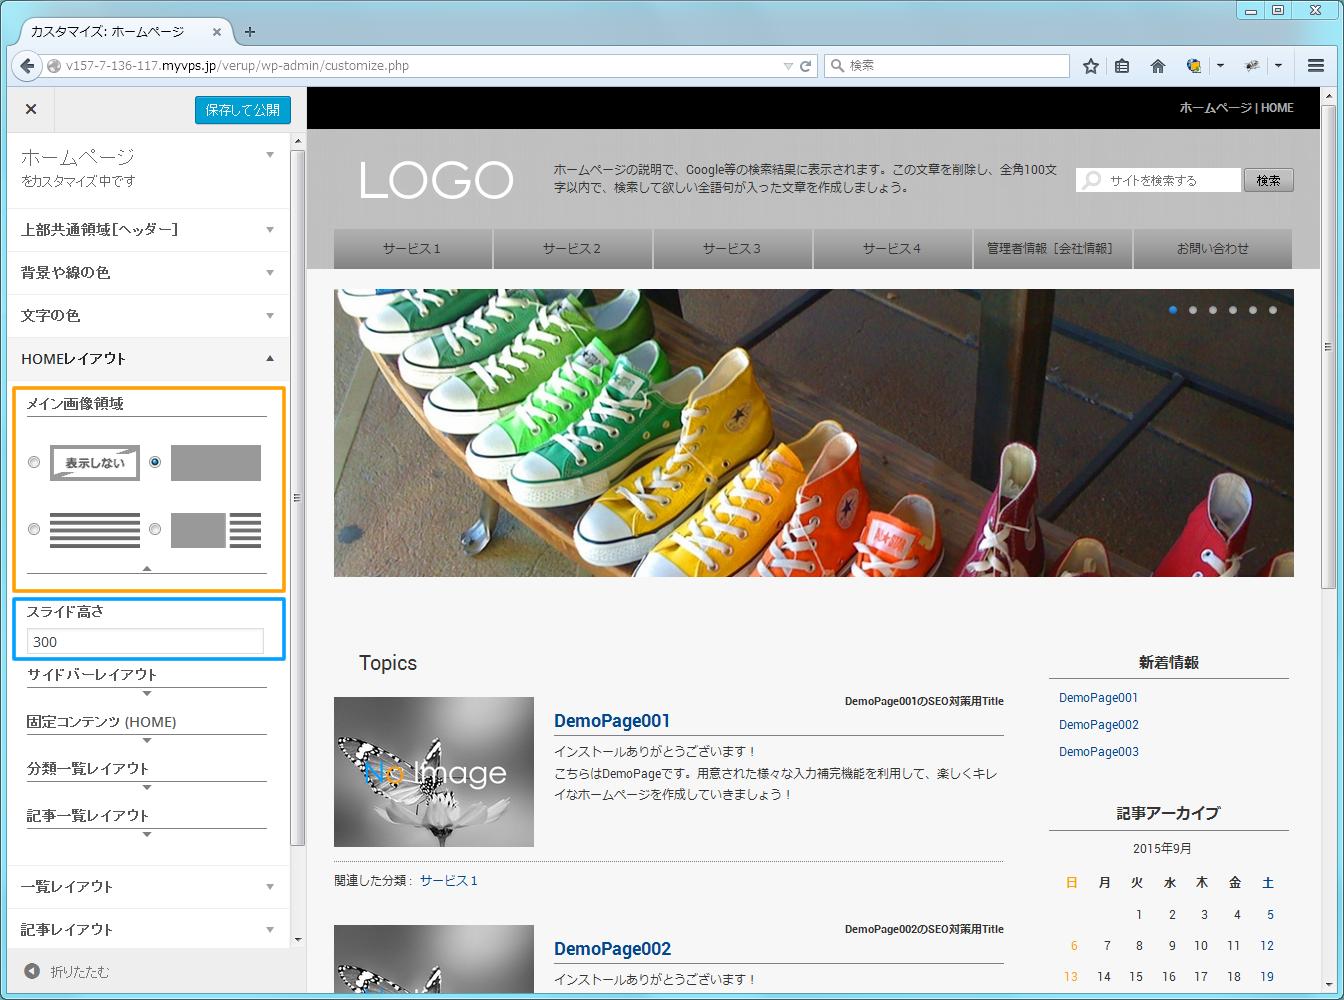 管理画面 サイトデザイン スライドショー | 初期費用無料ホームページ作成サイト - FunMaker